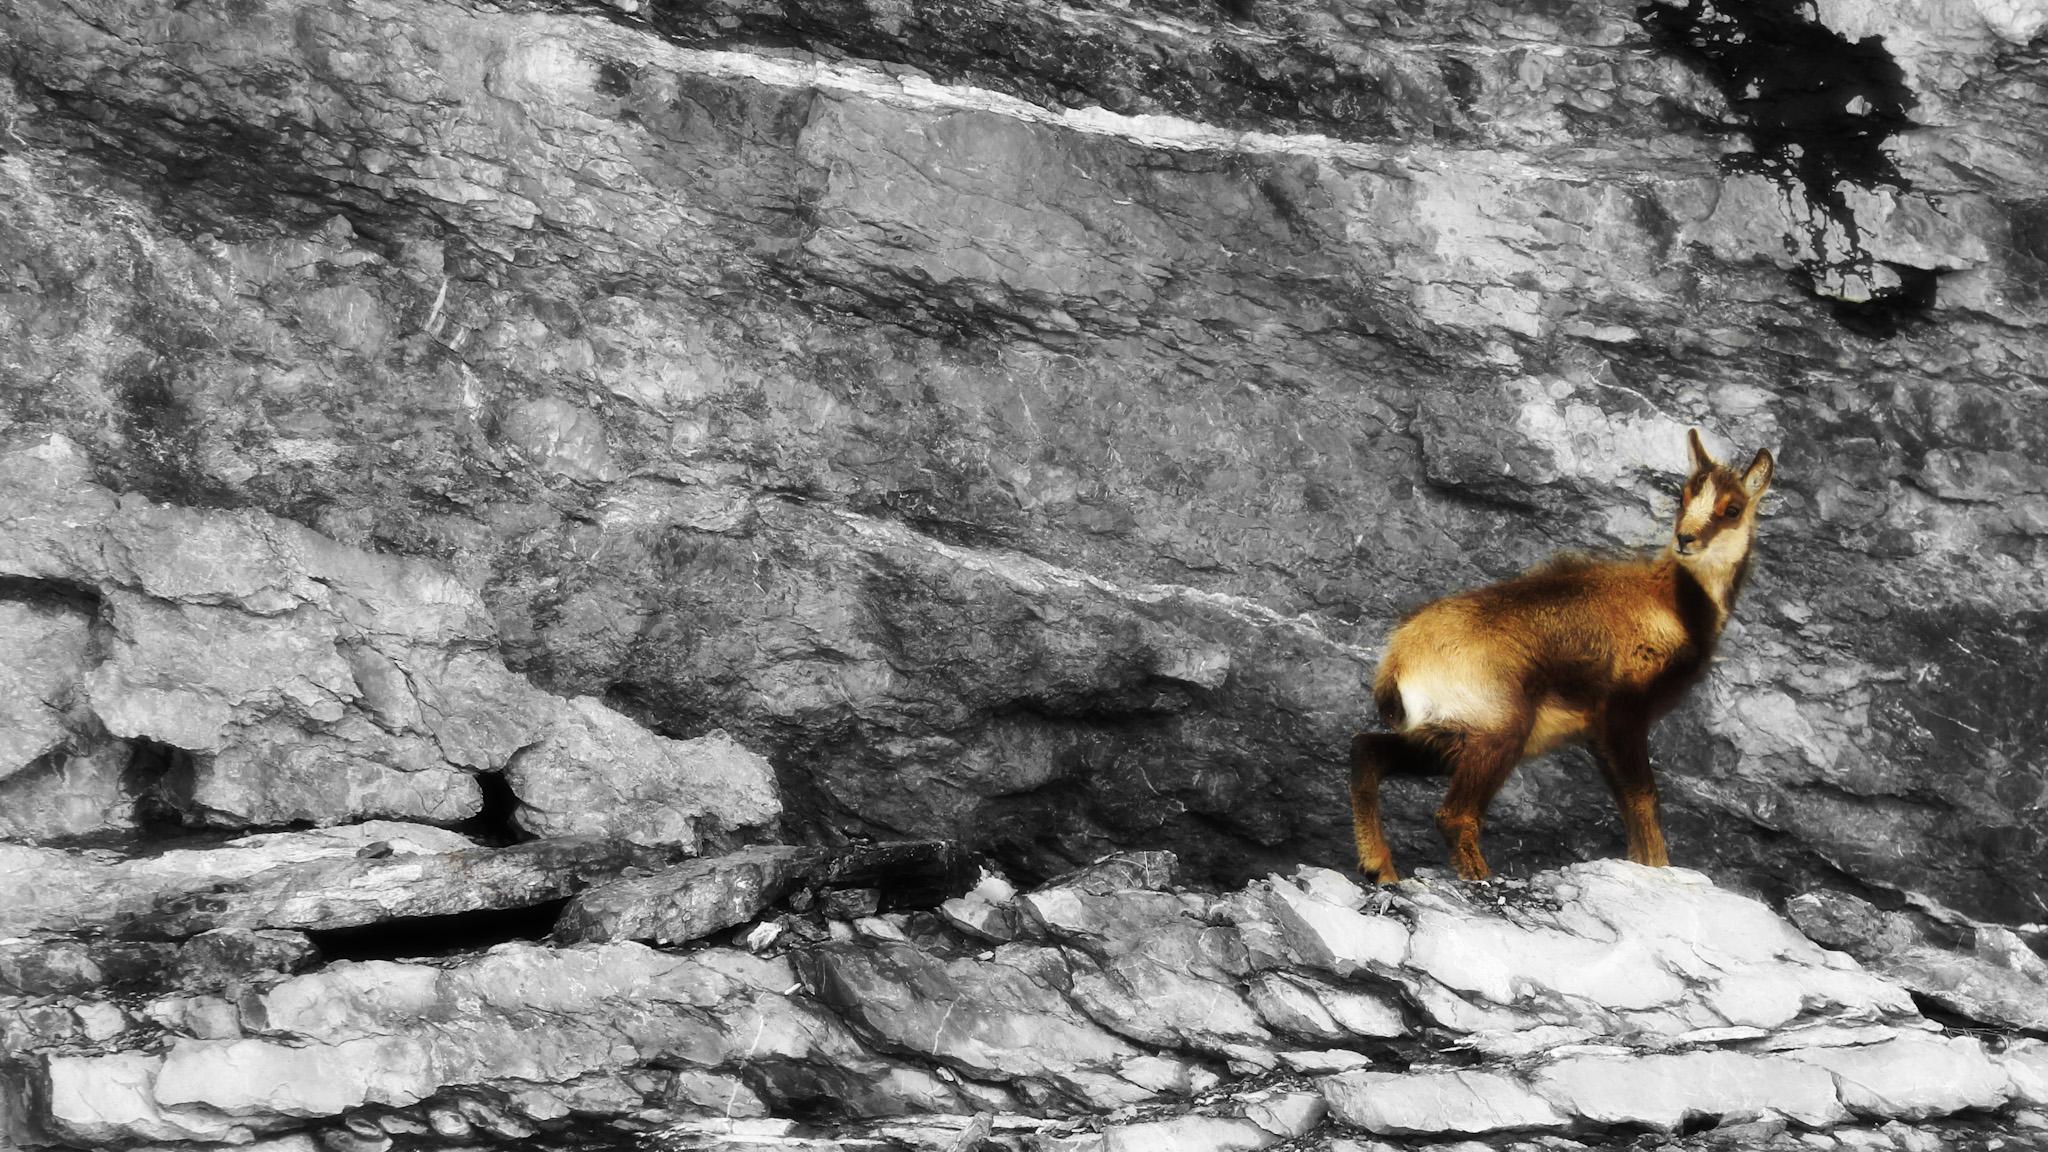 Cría de Sarrio 2 - Paisajes del valle - Fotos del Valle del Aragón, Mikel Besga